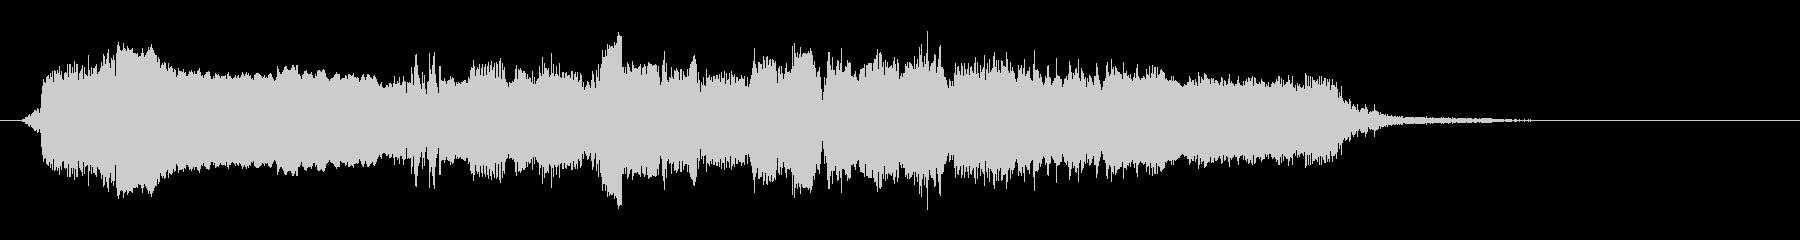 エレクトリックギター:ワウワウ、ギ...の未再生の波形